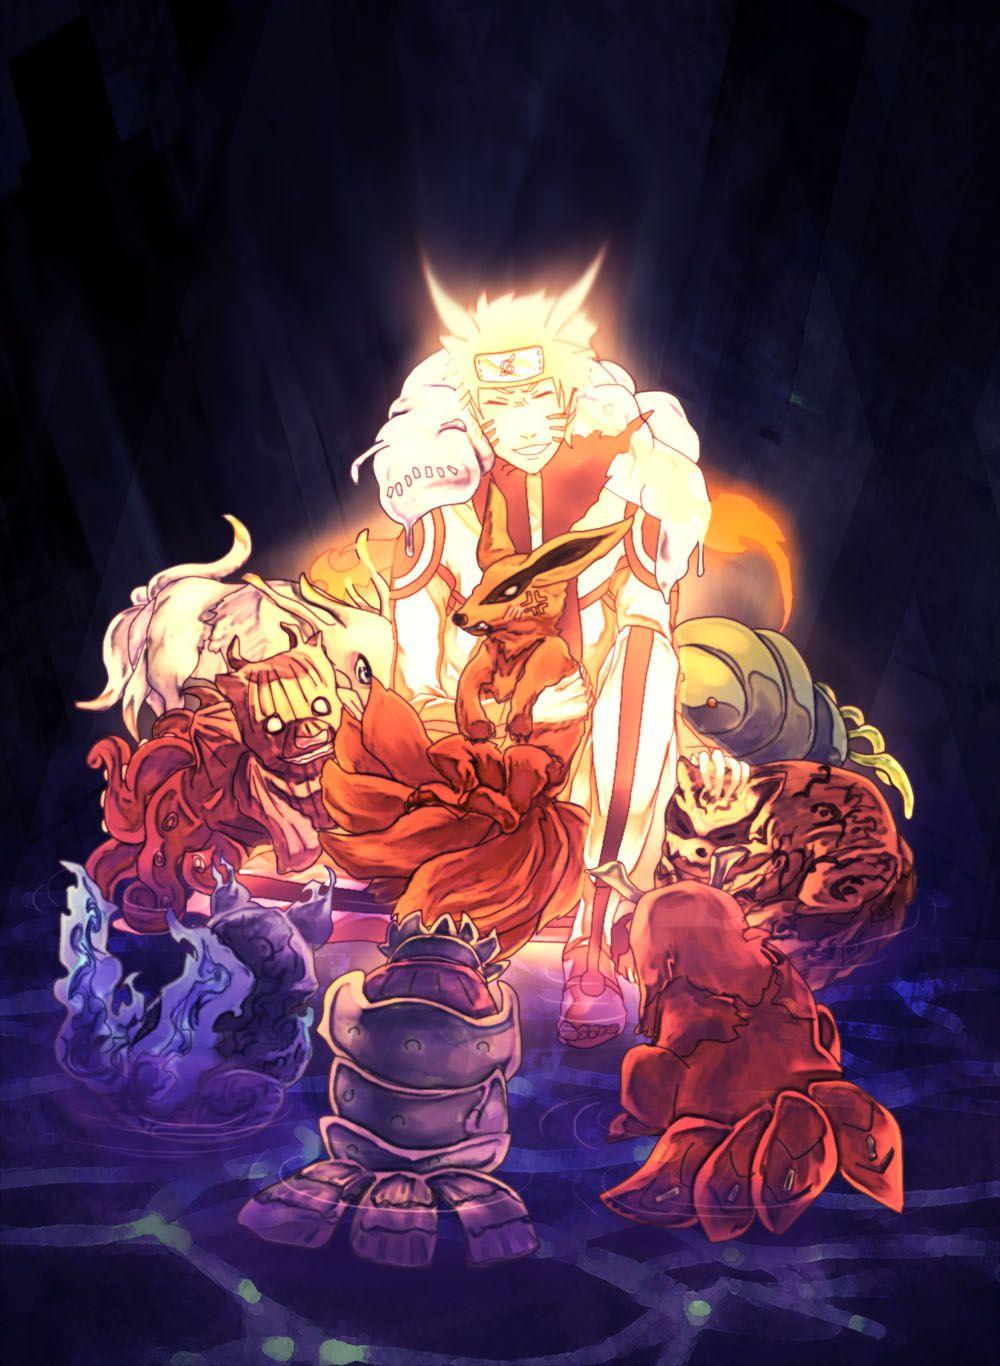 /NARUTO/#1260408   Fullsize Image (1000x1366)   Naruto uzumaki, Naruto shippuden anime, Naruto